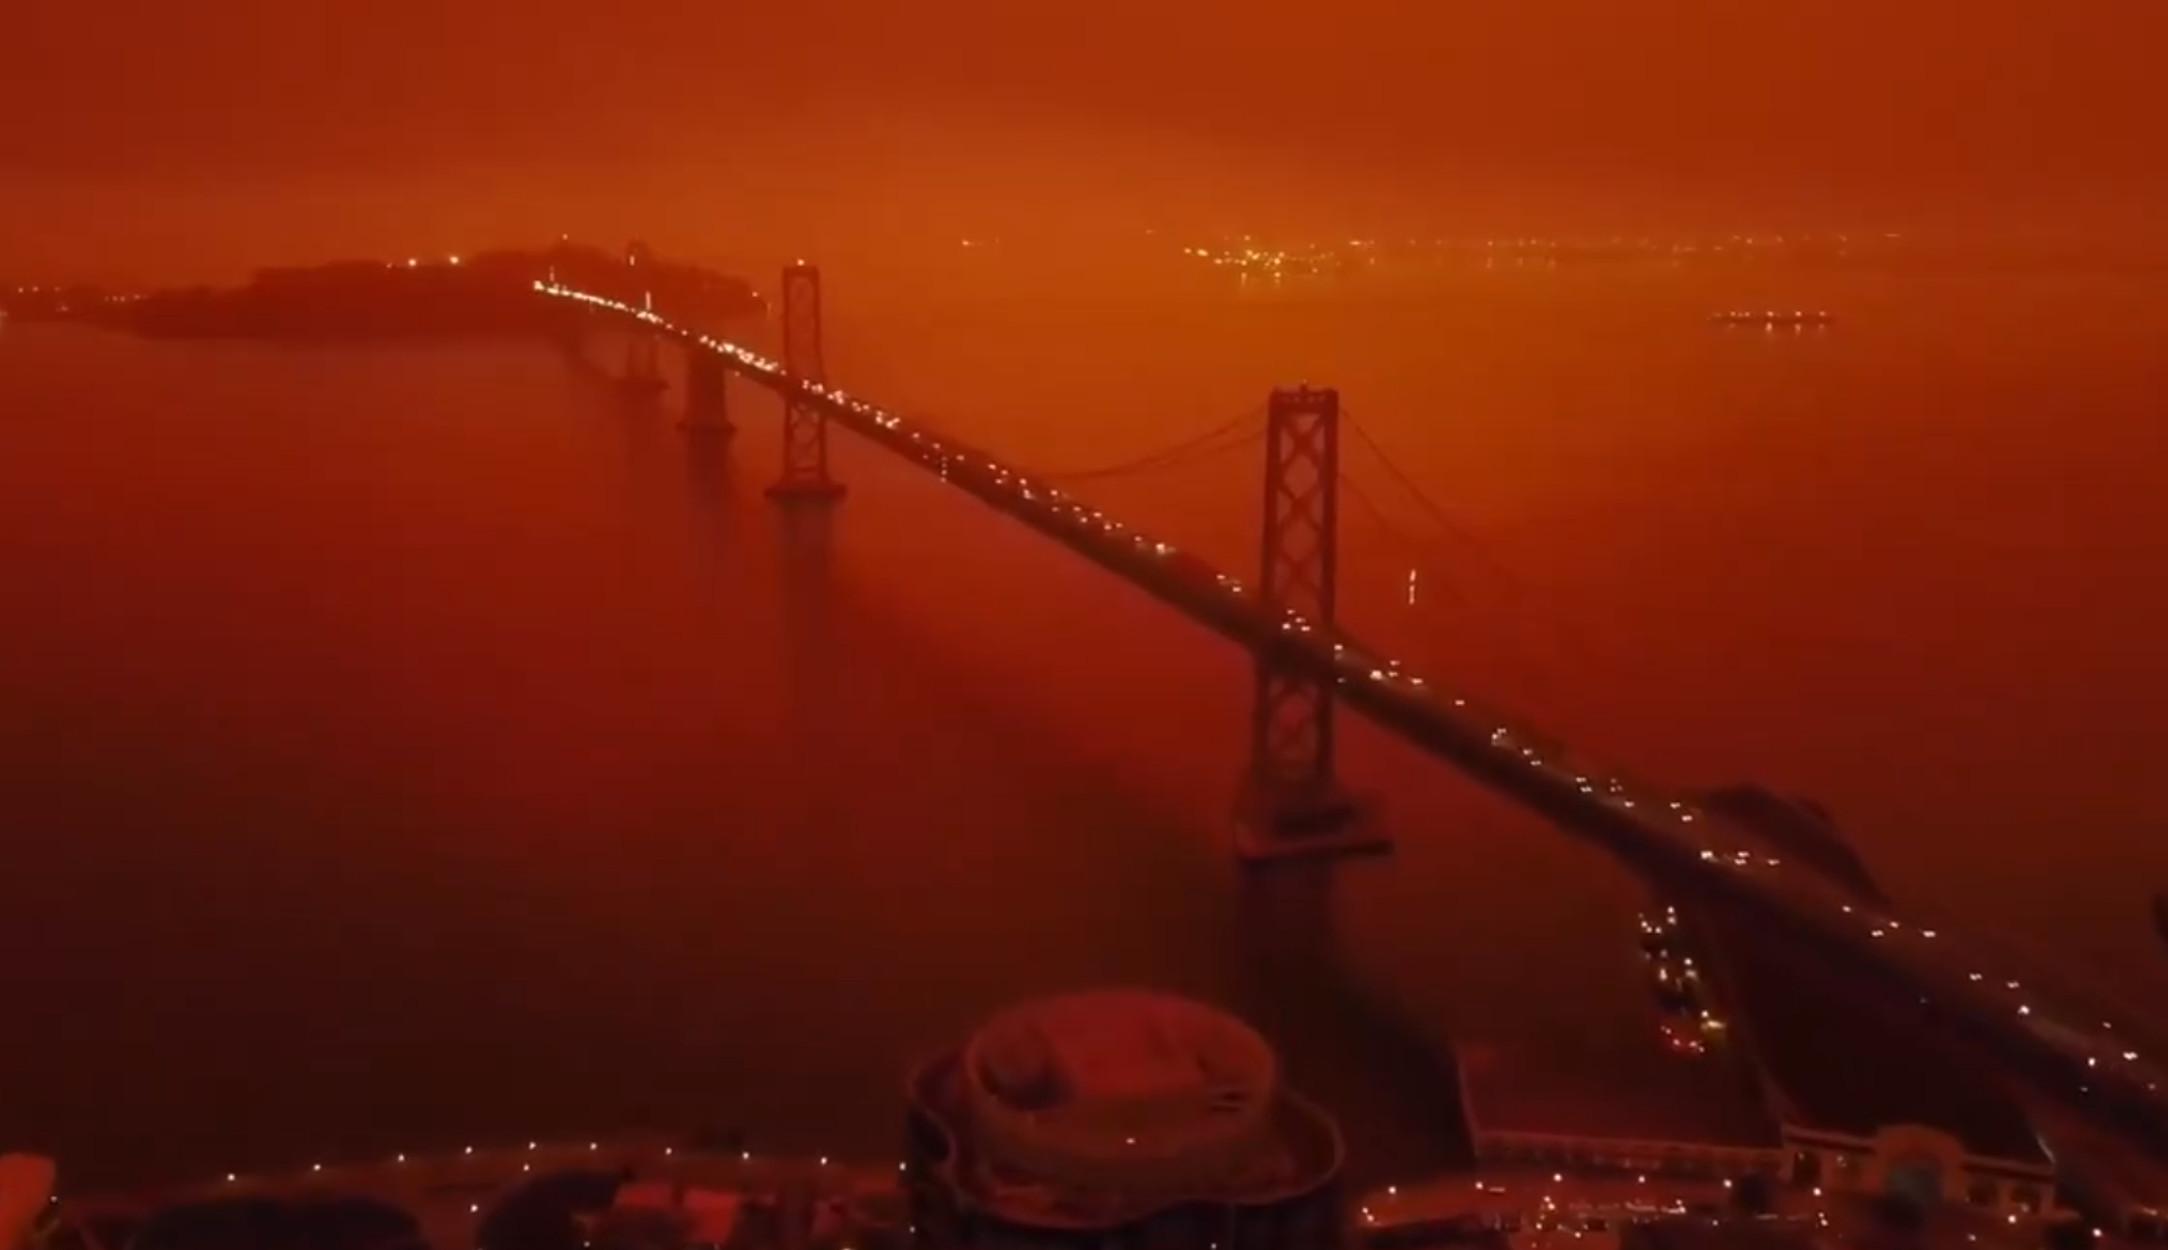 """Βγαλμένο από το… Blade Runner 2049 το Σαν Φρανσίσκο! Το απίστευτο βίντεο με το """"δυστοπικό"""" τοπίο από τις τεράστιες πυρκαγιές"""